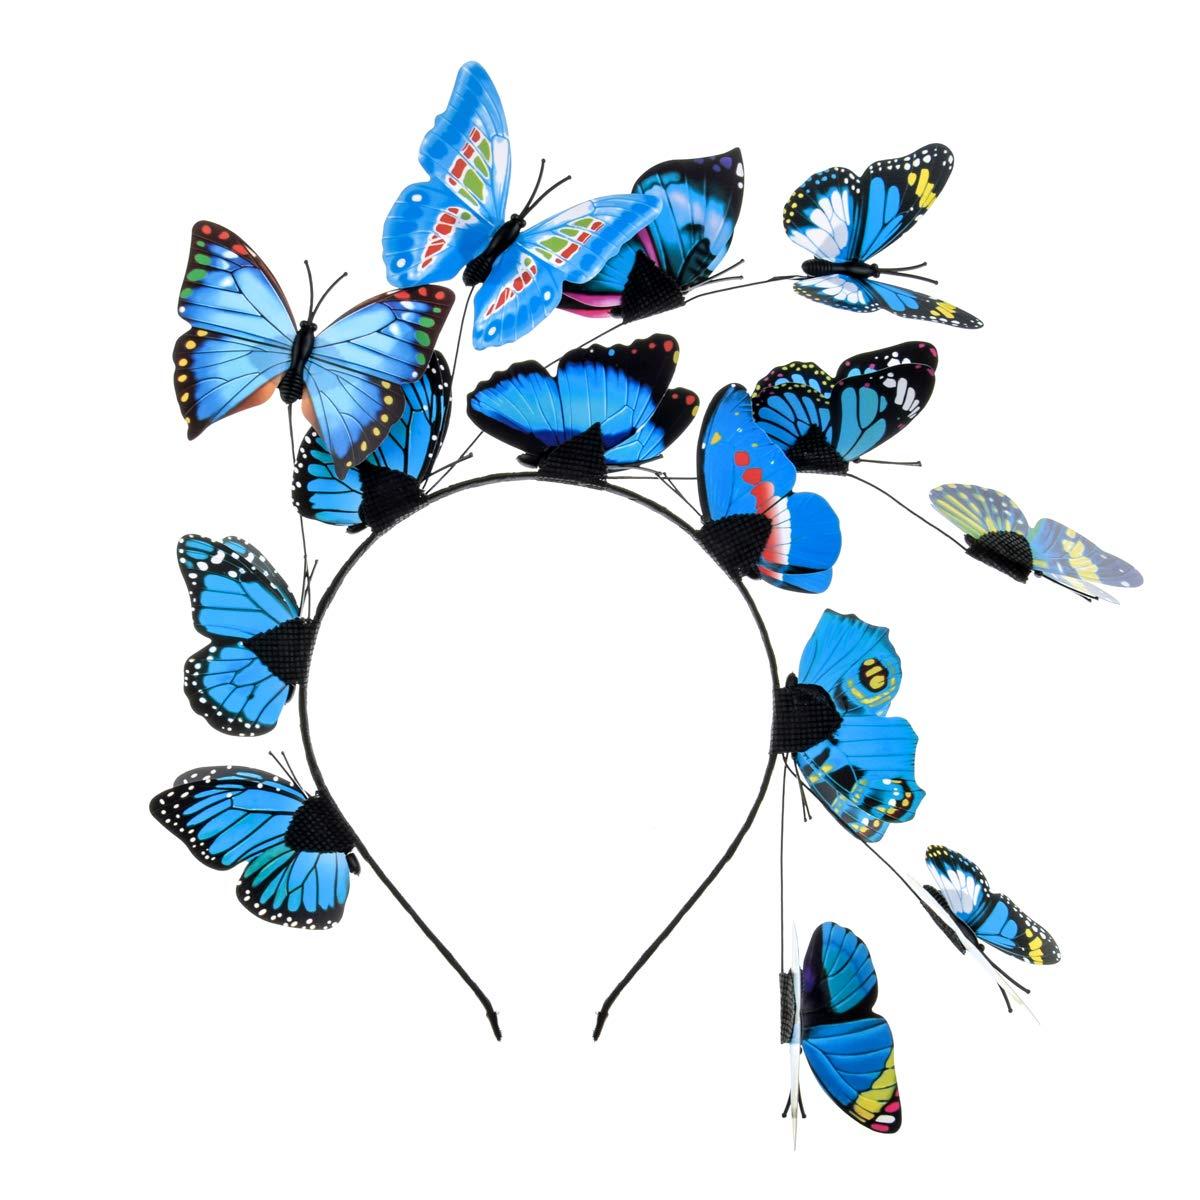 Merroyal Fascinators Boho Style Headband Butterfly Headpiece Butterfly Hat Headpiece Dress Up (Blue)